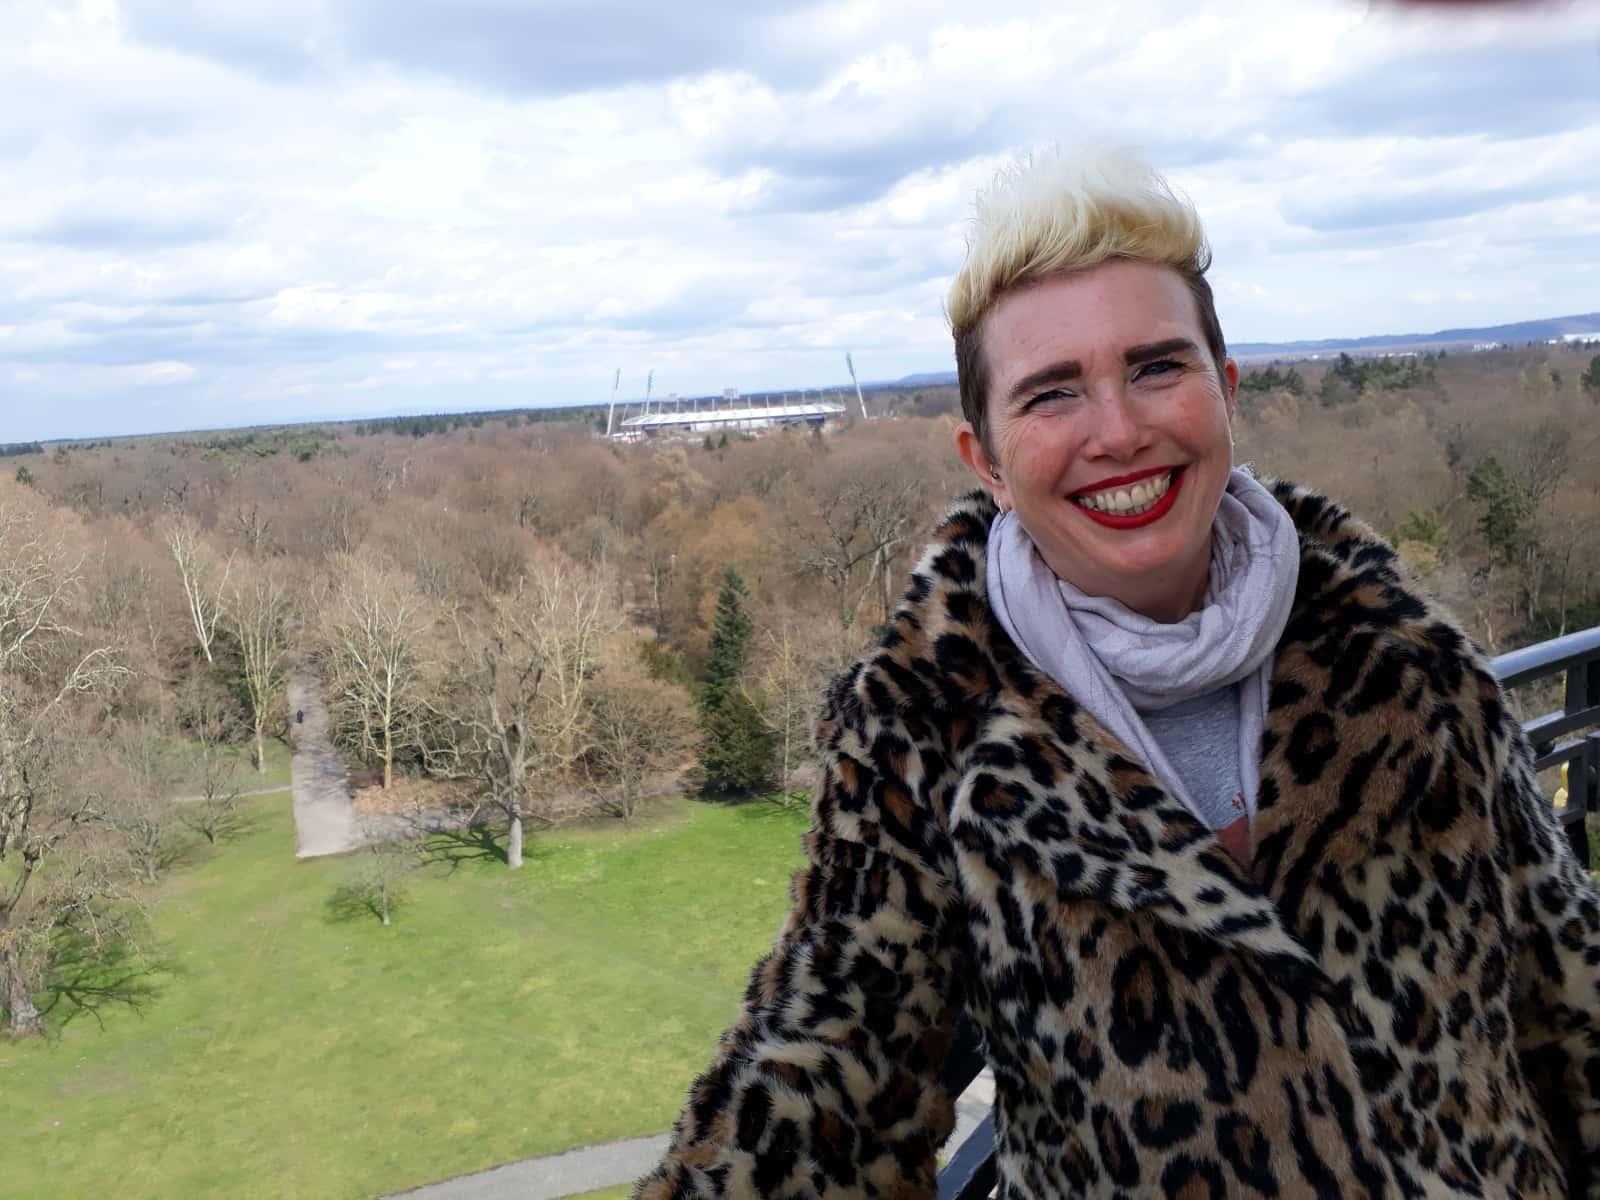 Carolyn from London, United Kingdom